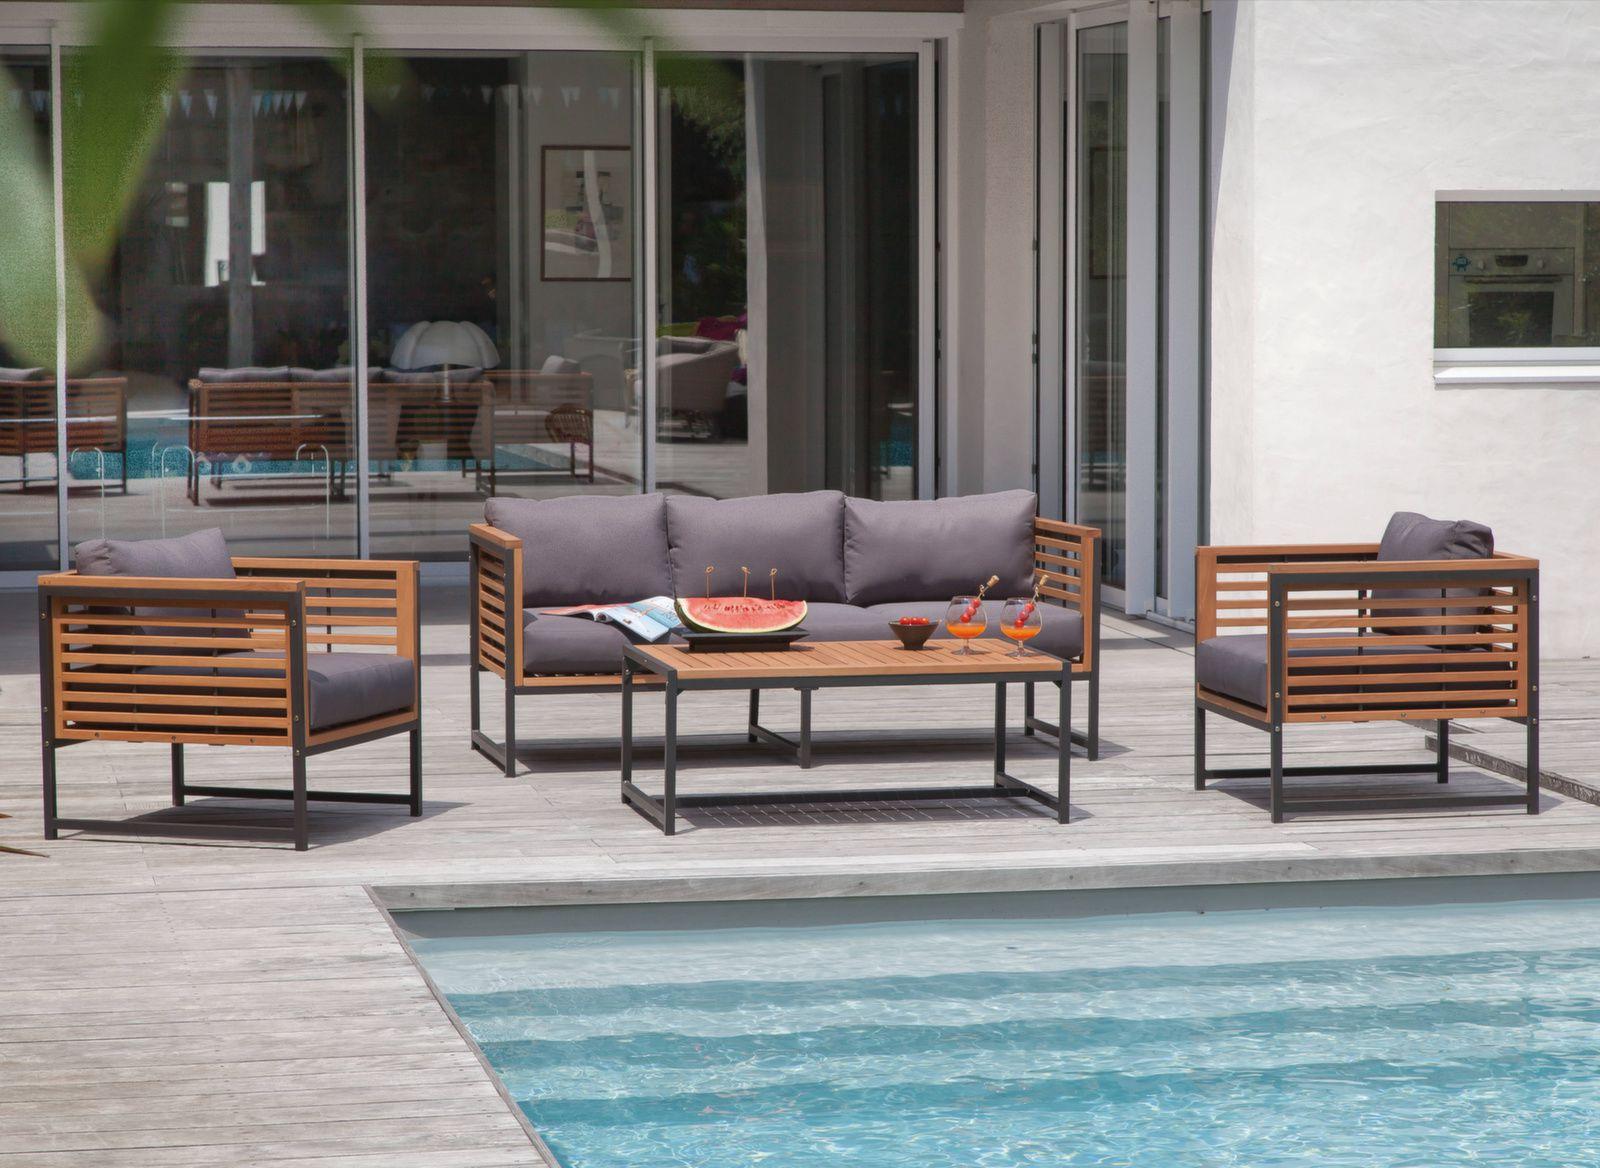 Salon de jardin bas Végas - Mobilier extérieur détente - Proloisirs